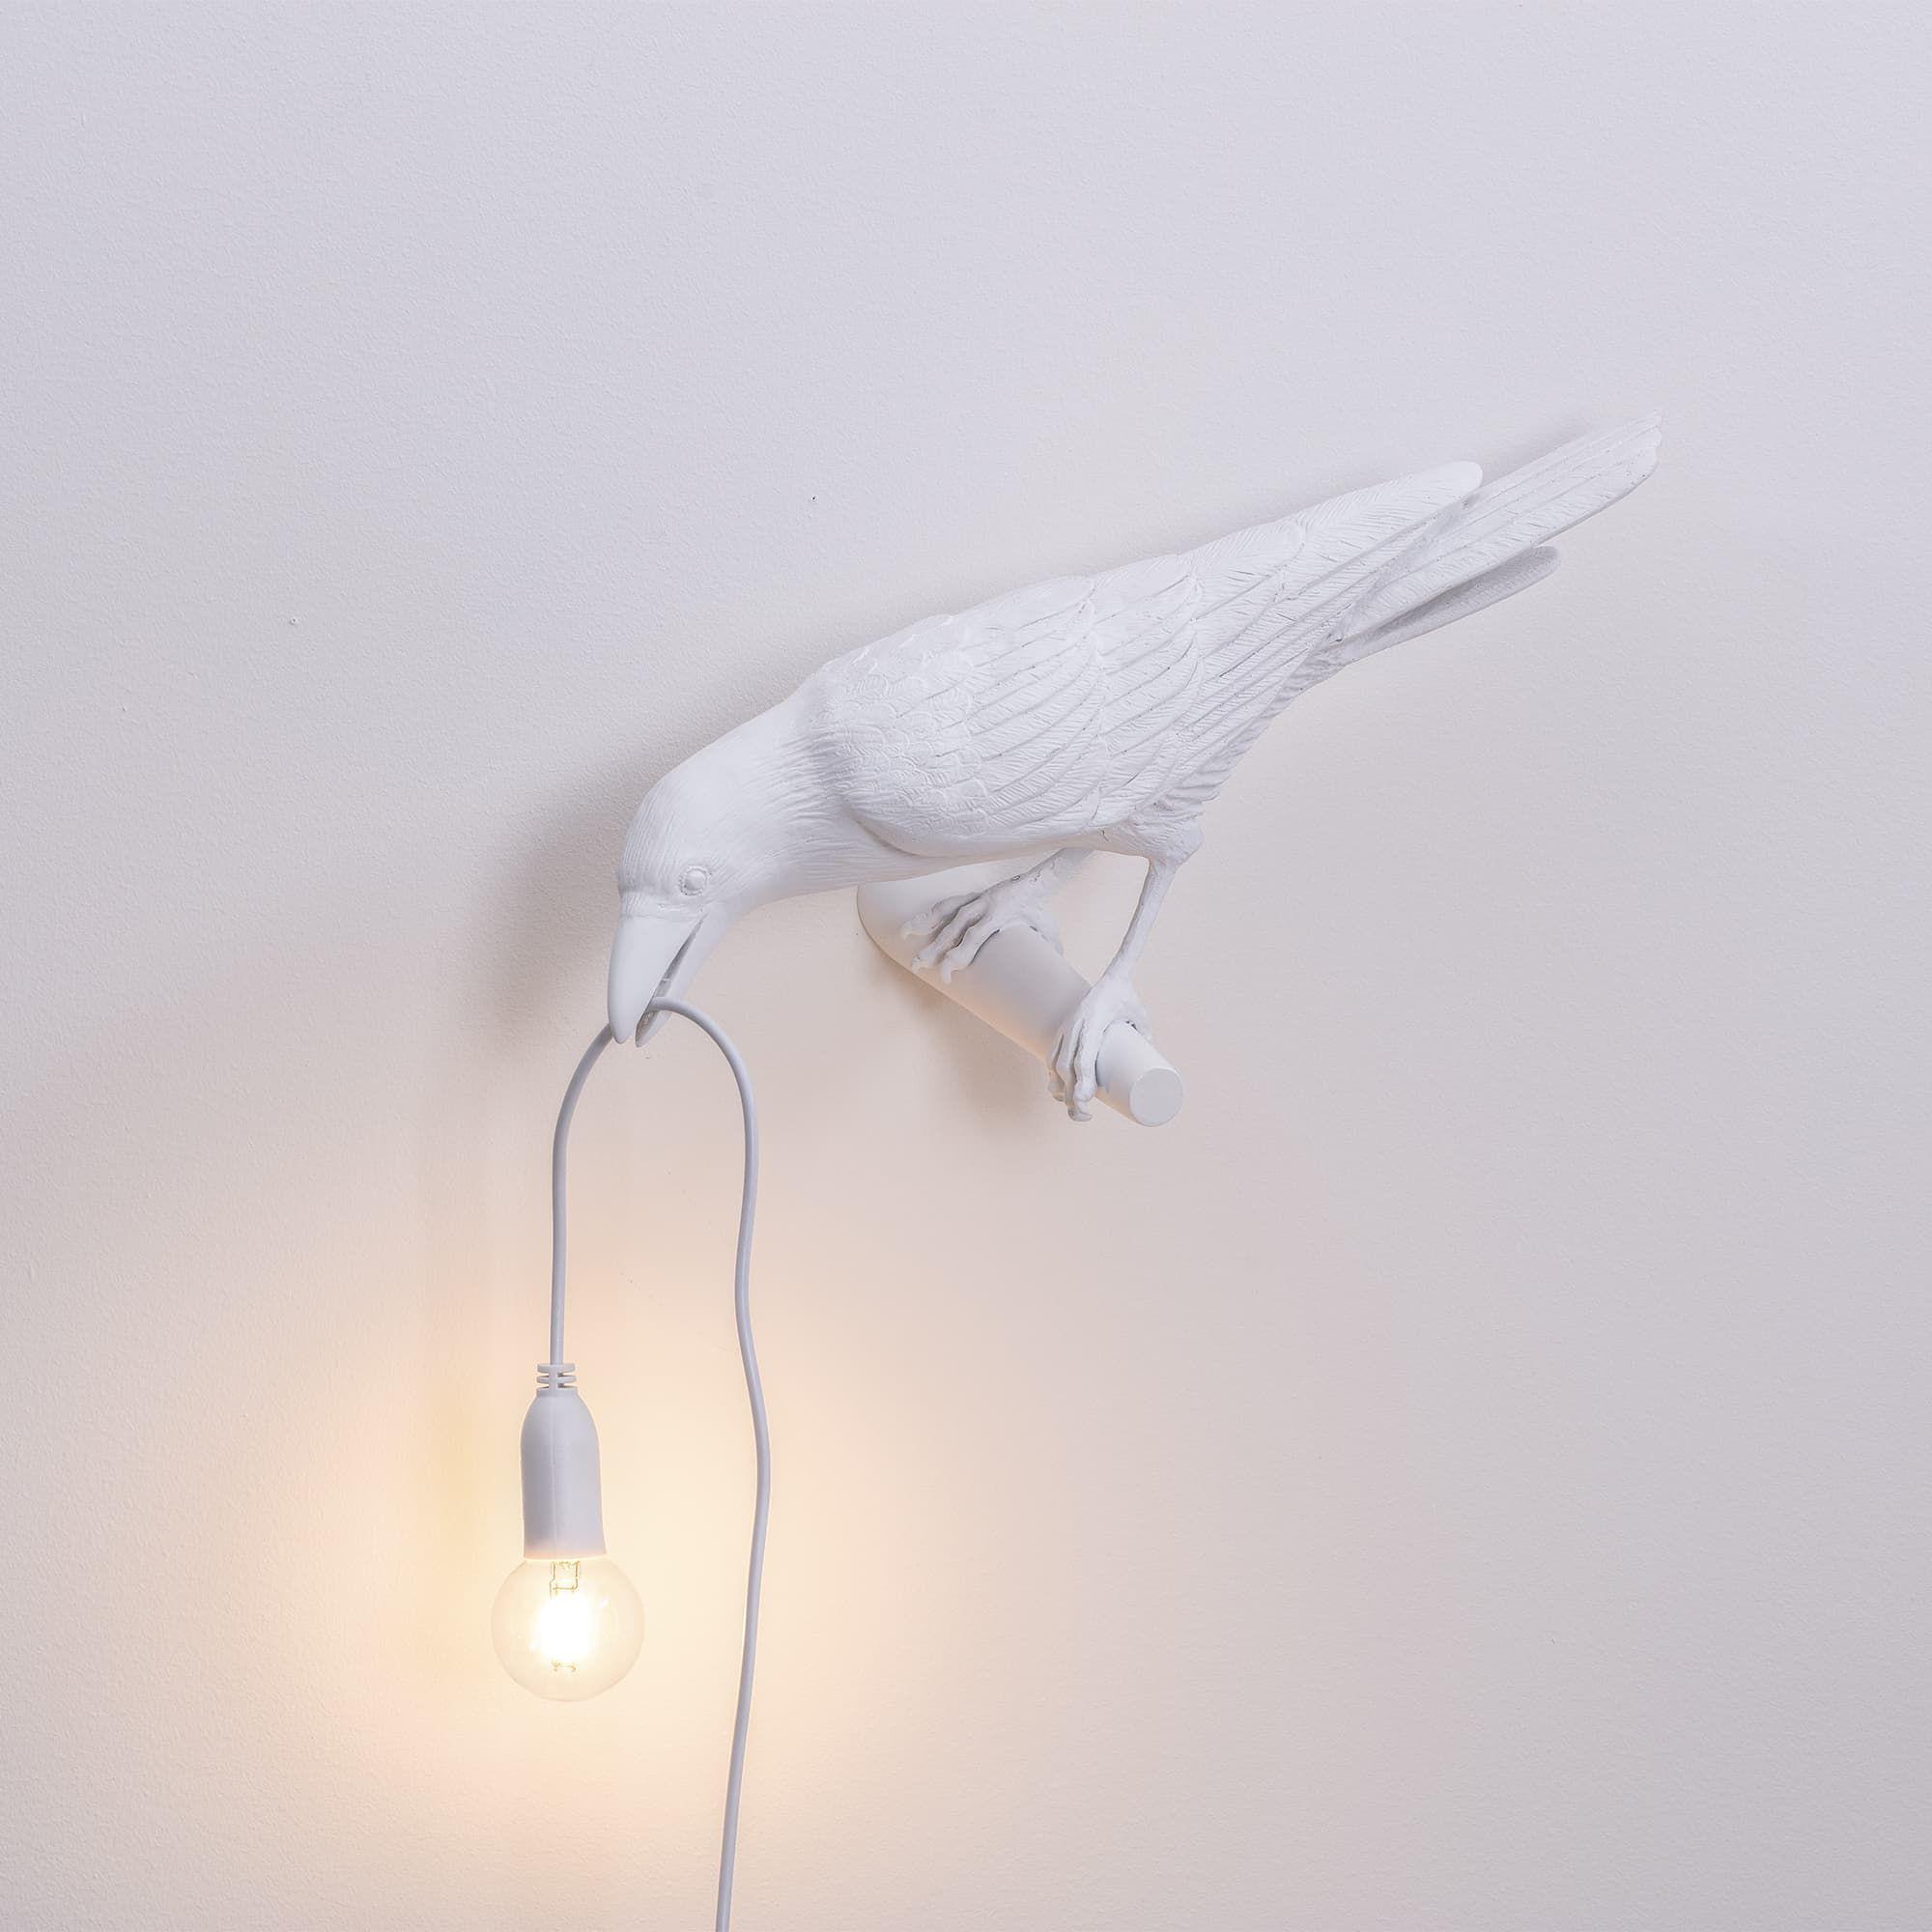 Résine D'oiseau Bird Lamp Forme Applique En Murale Blanc Looking 7yYb6vfg